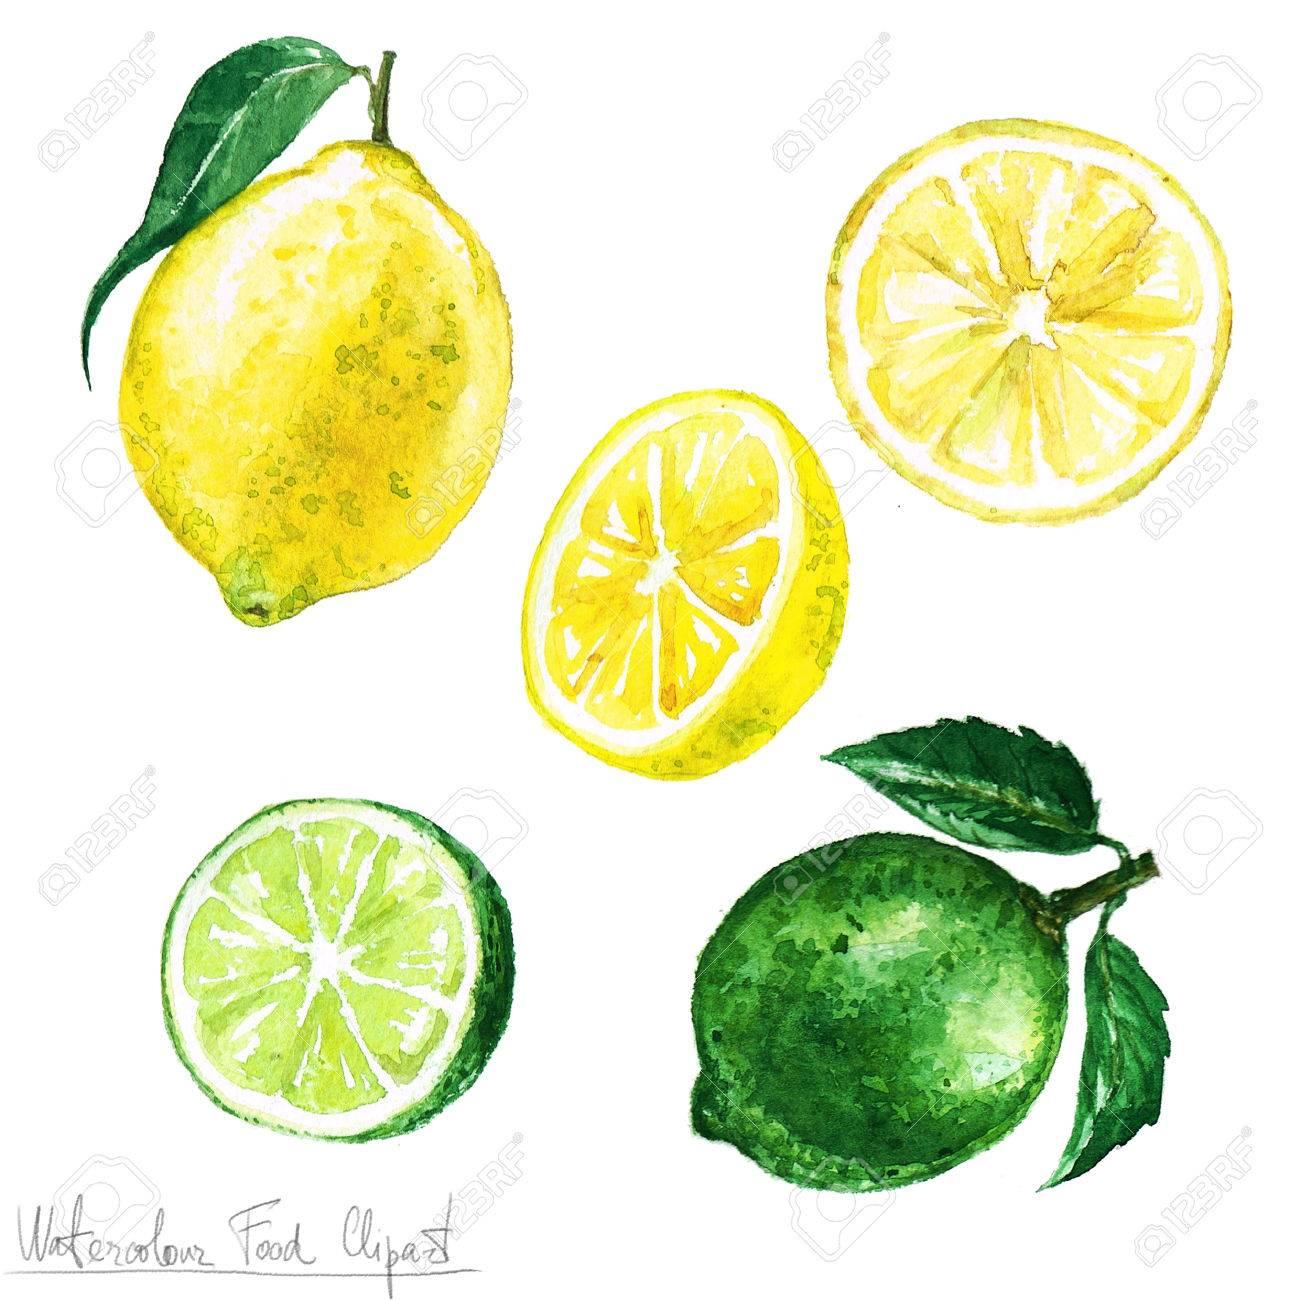 水彩食べ物クリップアート レモンとライム の写真素材画像素材 Image